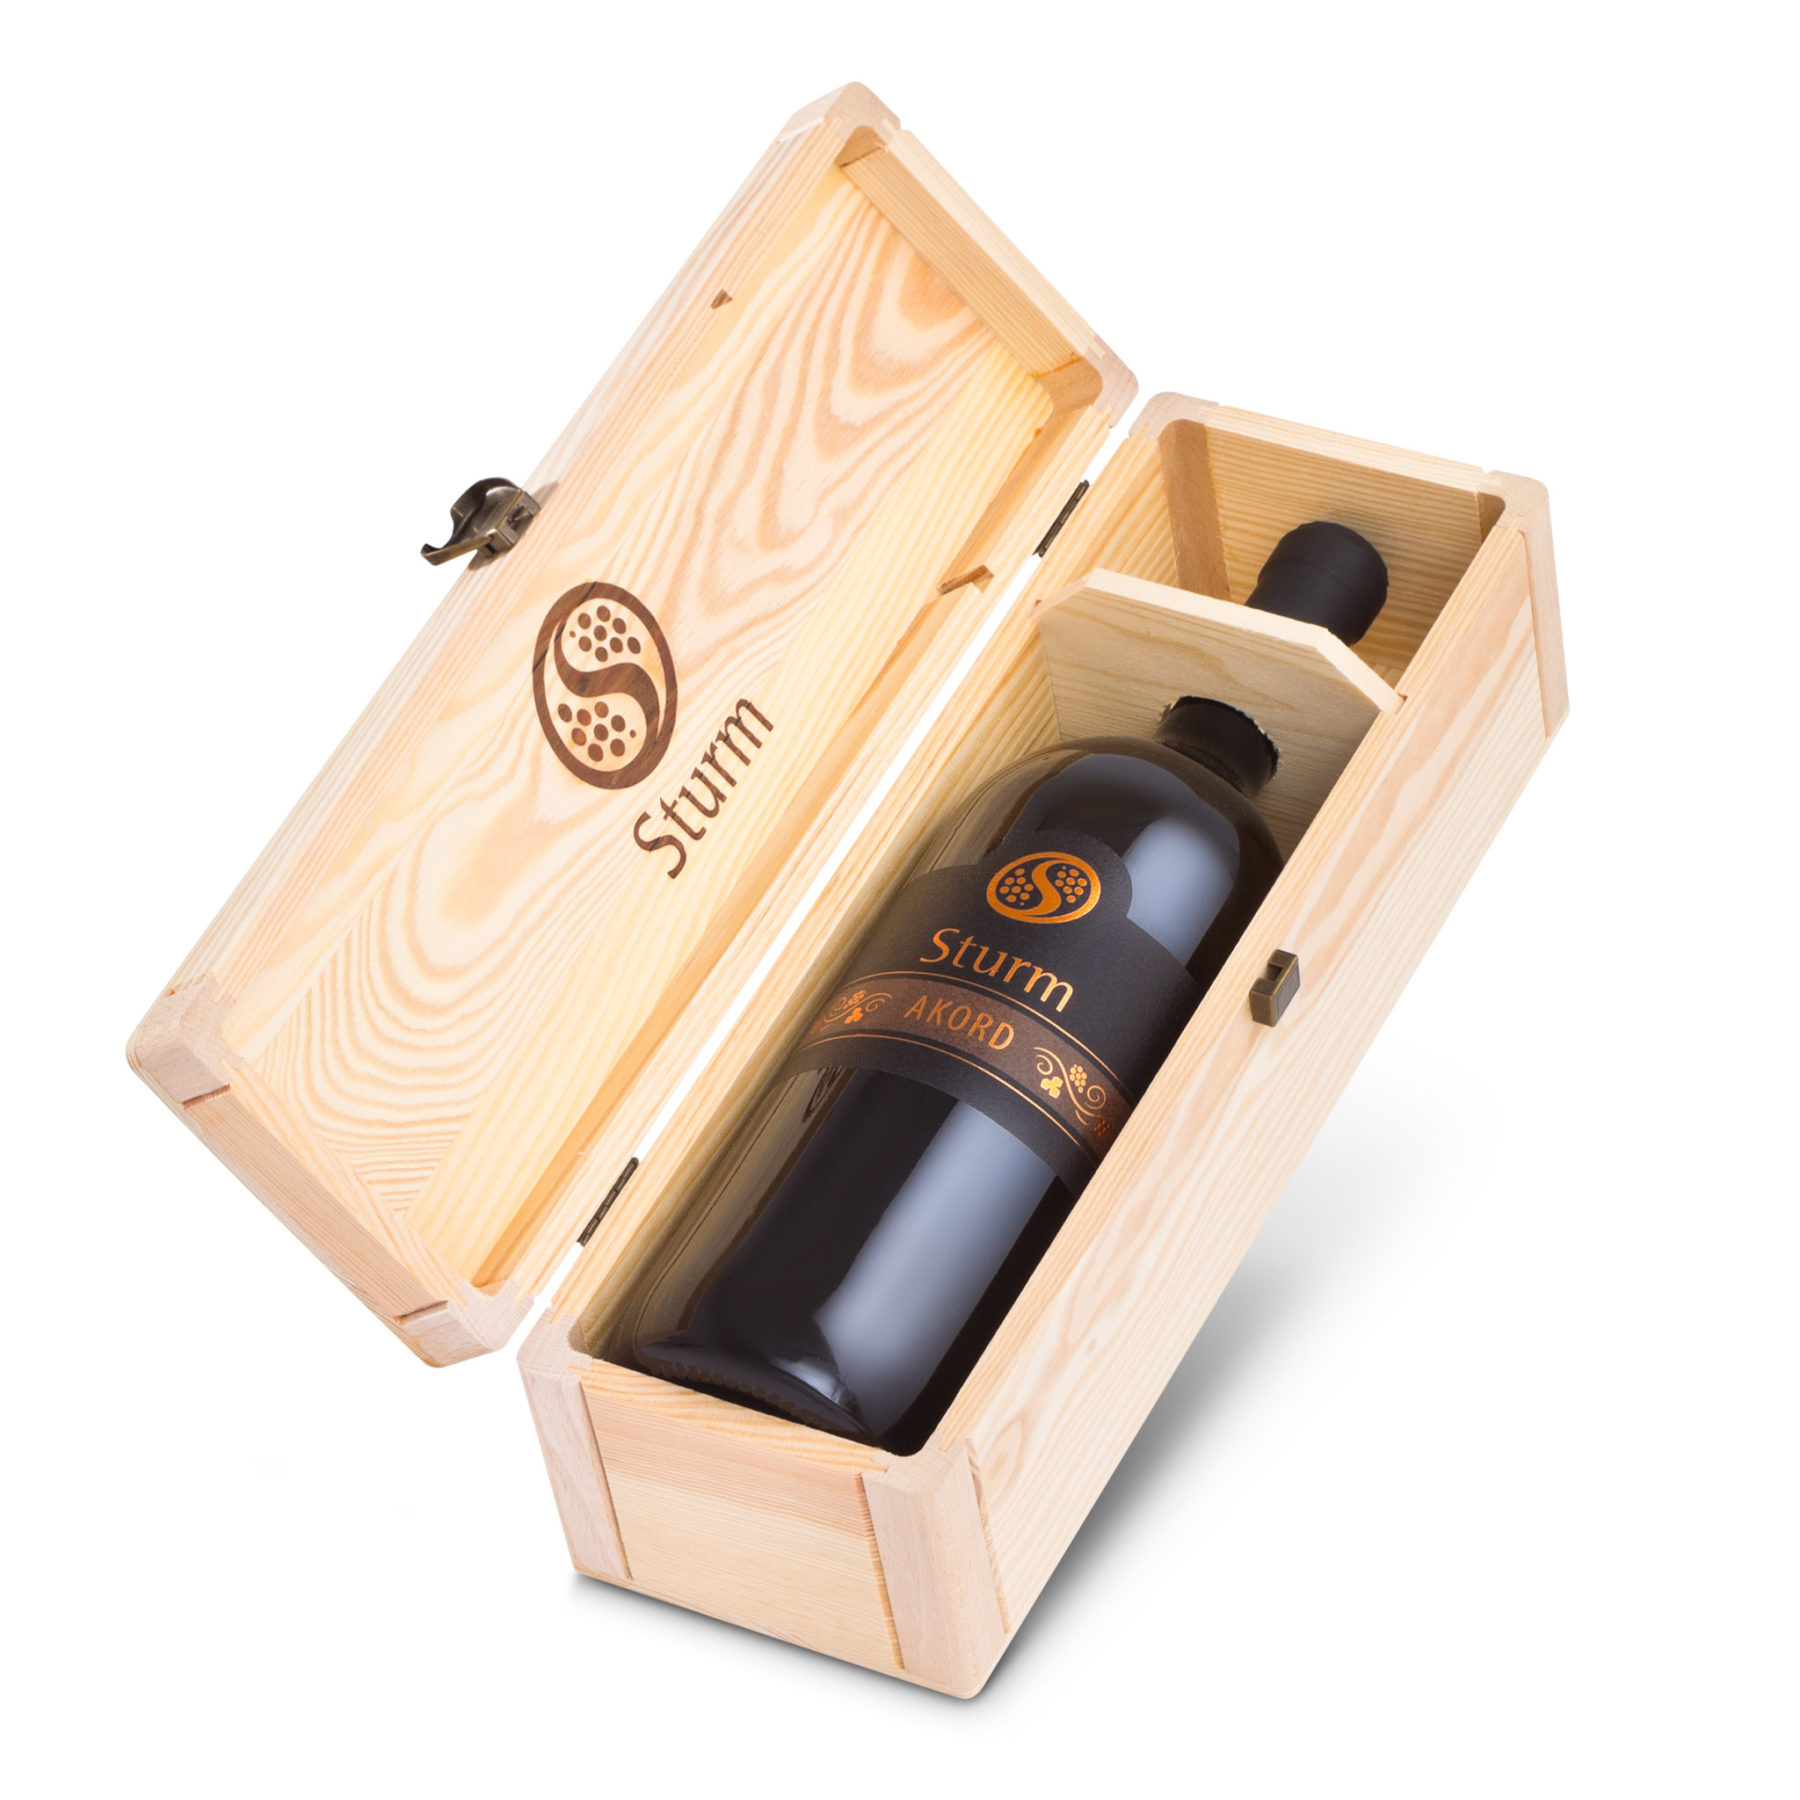 Sturm - vino Akord magnum v leseni škatli. Foto: Primož Brankovič, 2016